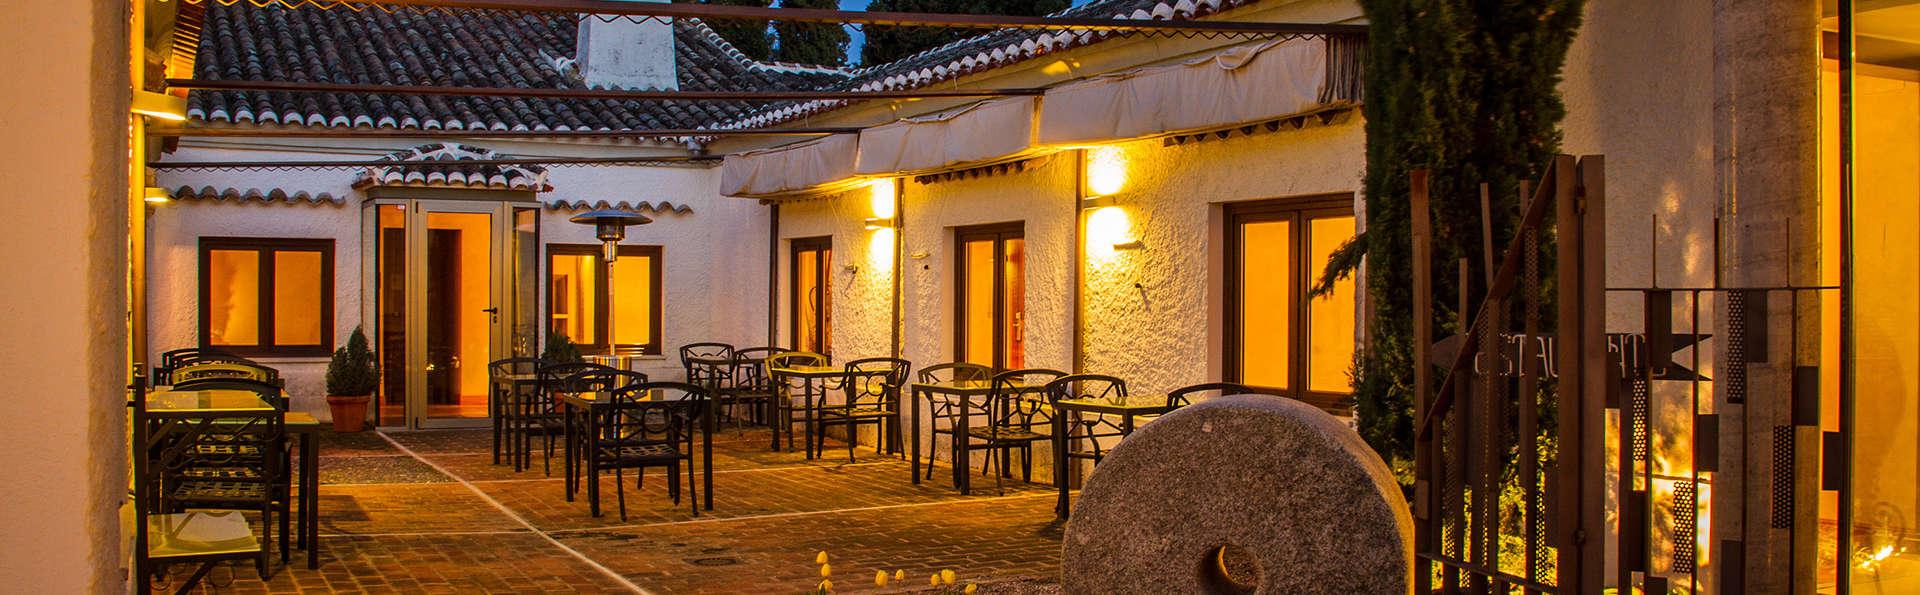 Escapada con desayuno a la carta en un precioso hotel en Torrijos